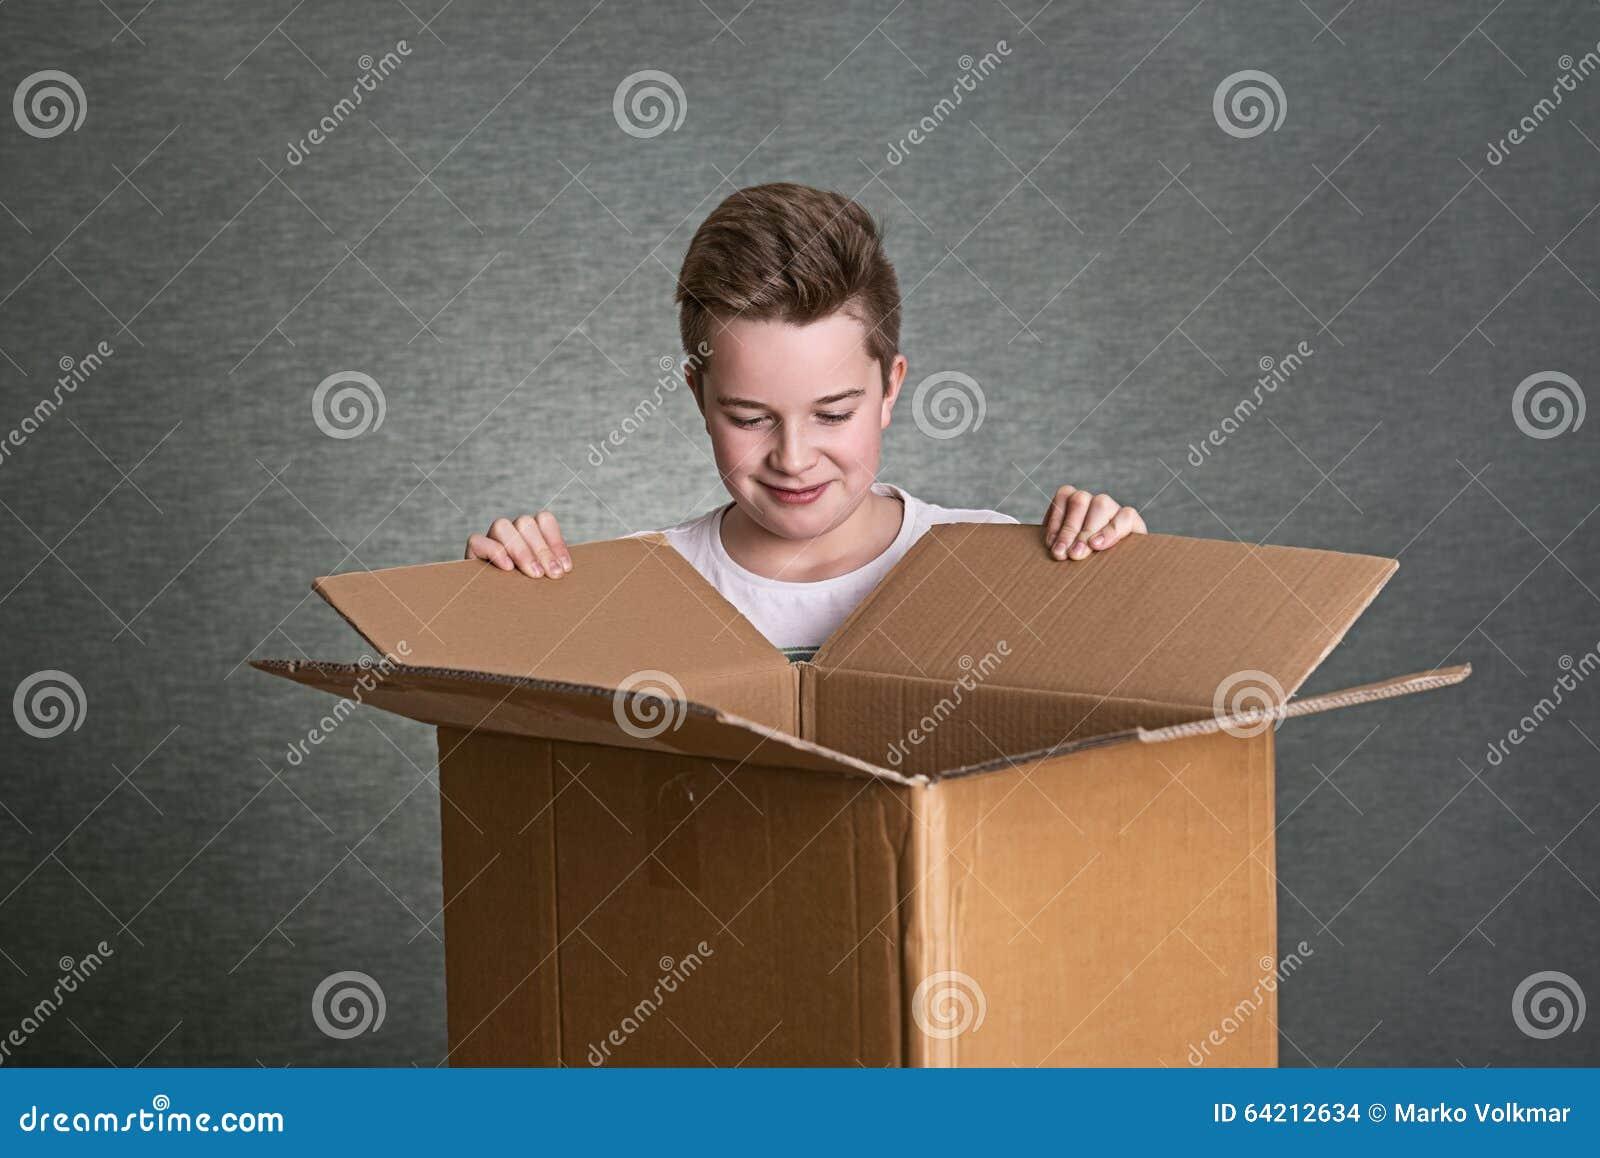 El muchacho está mirando en una caja de cartón